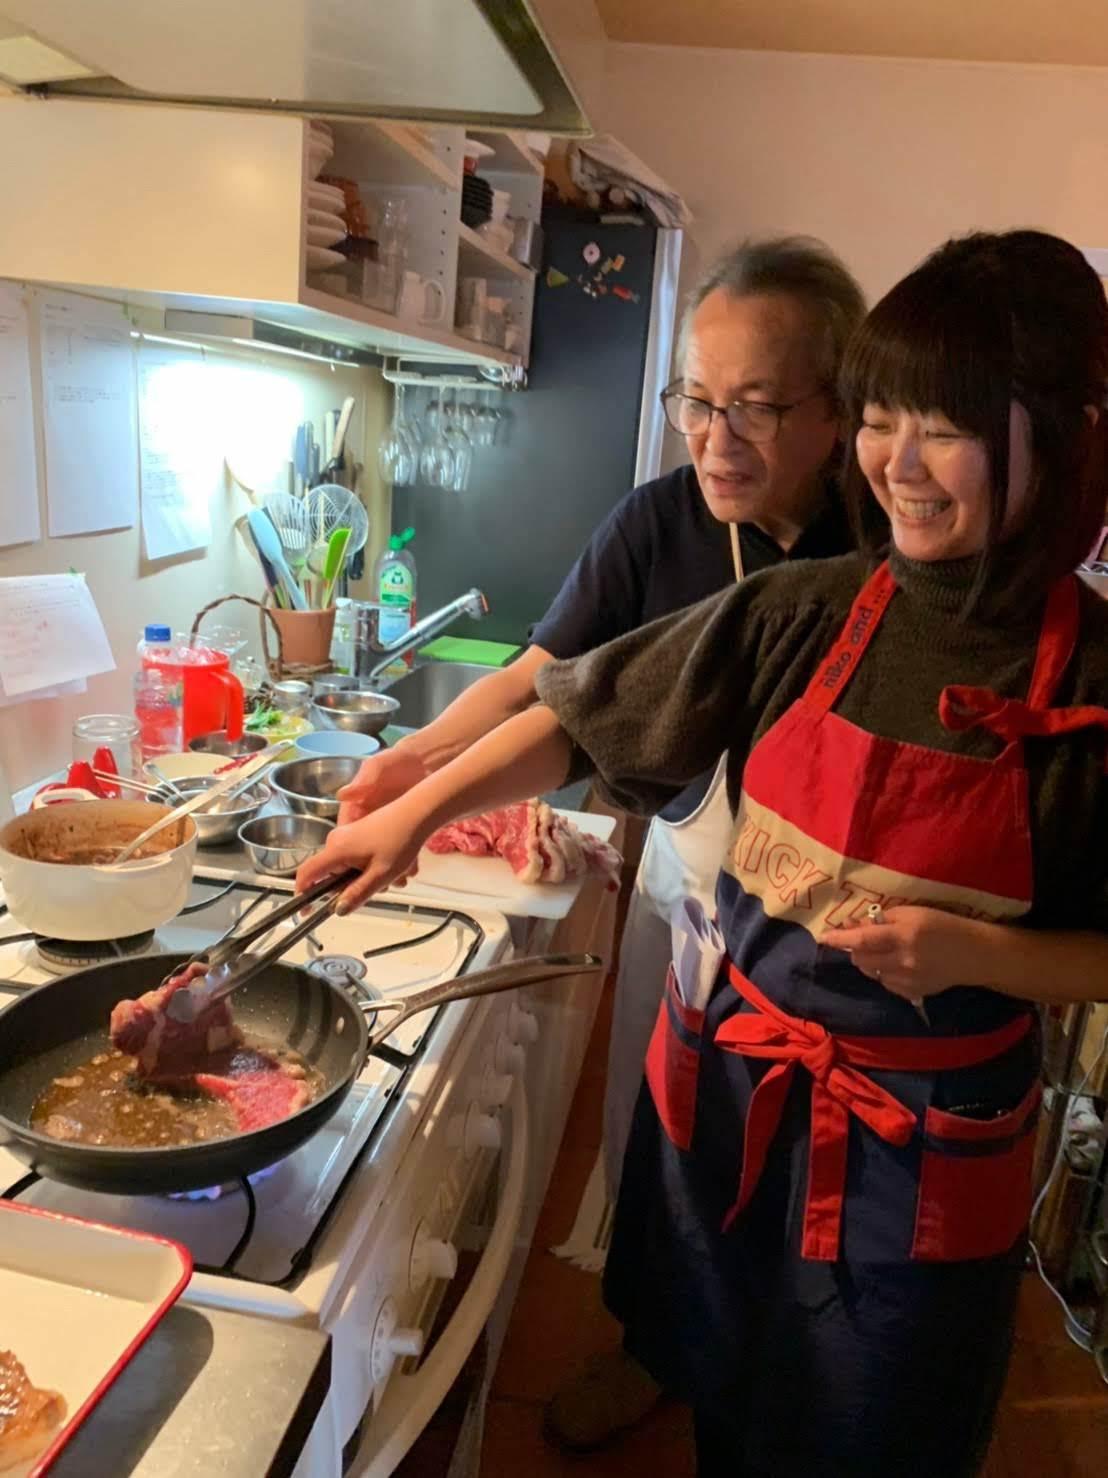 レストラン流、美味しいステーキの焼き方を習いました【サン・ファソン 本多シェフに習うフレンチ】_b0345136_20021462.jpg